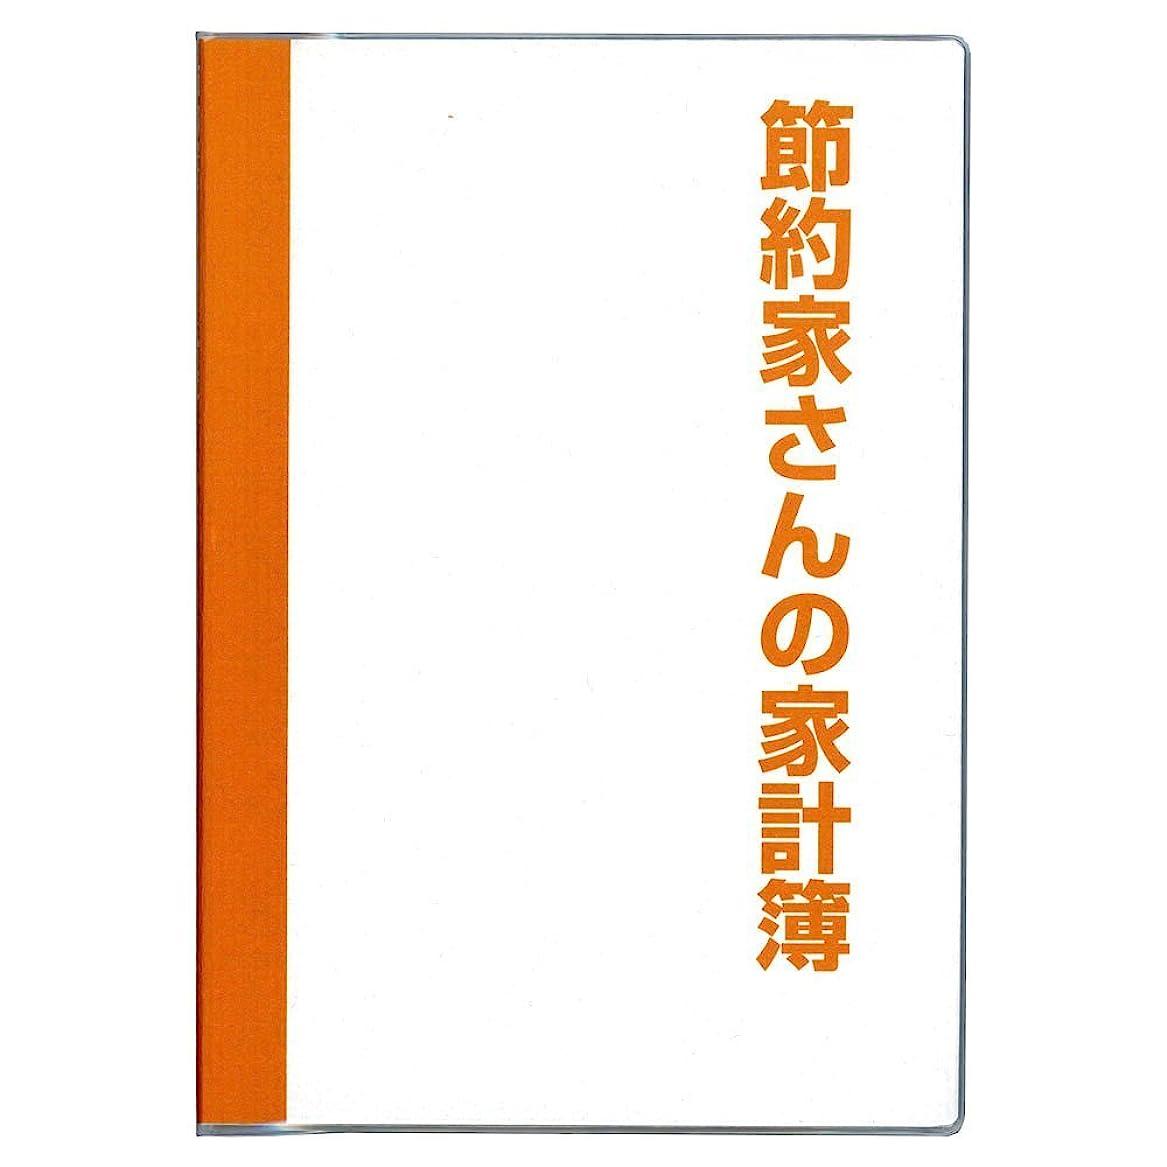 従順バストオーストラリア人ダイゴー 節約家さんの家計簿 B5 オレンジ 【まとめ買い3冊セット】